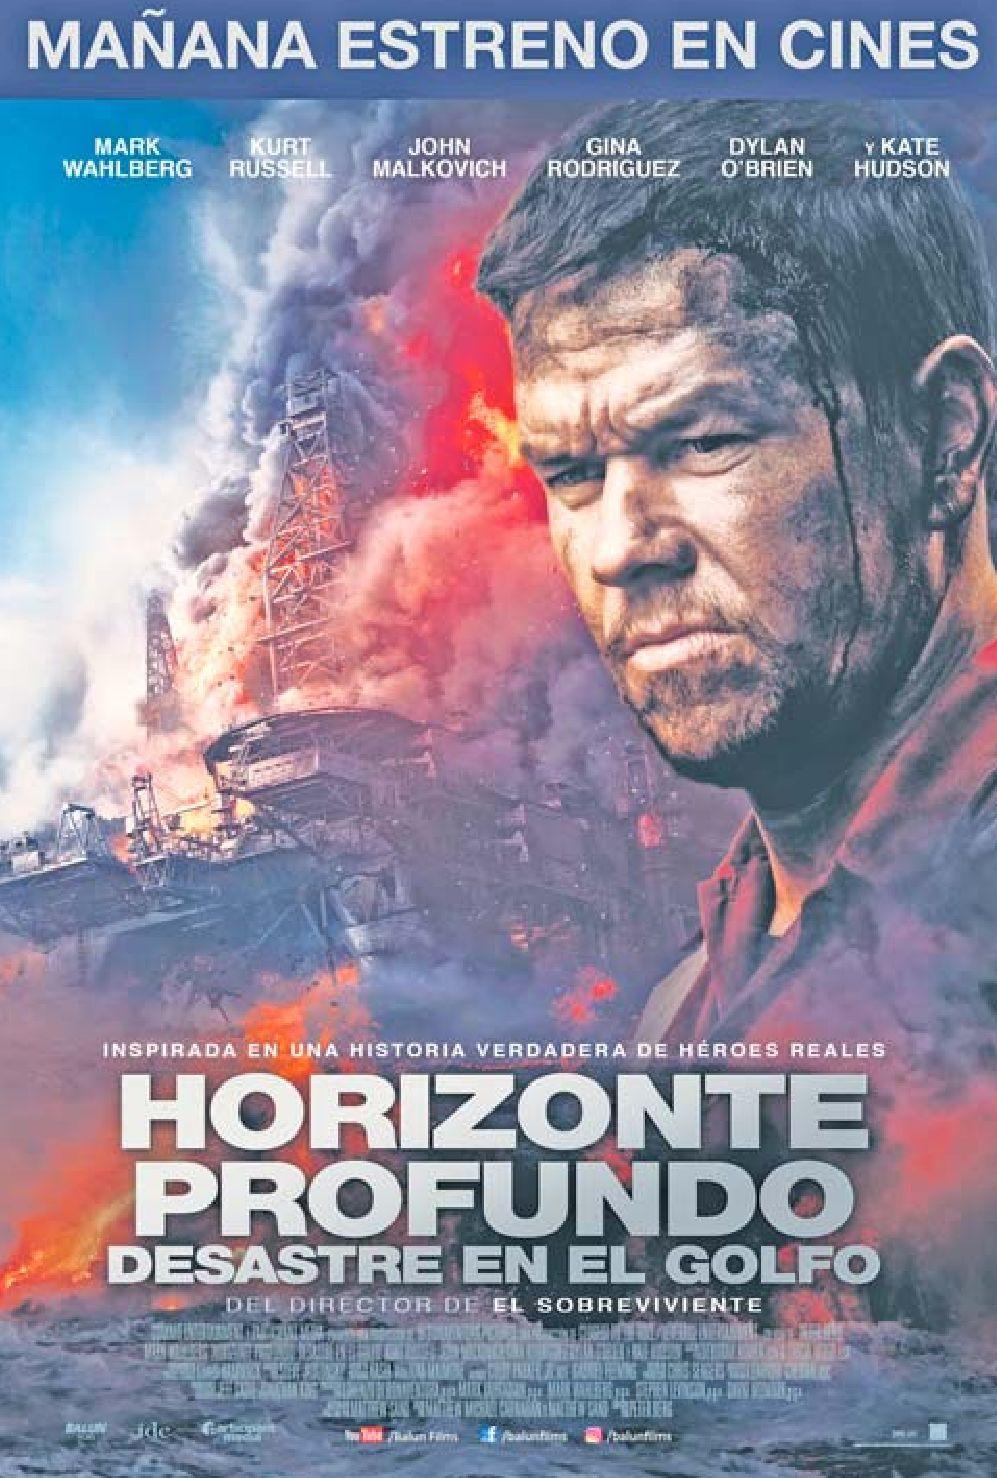 horizonte-profundo-desastre-en-el-golfo-the-movie-2016